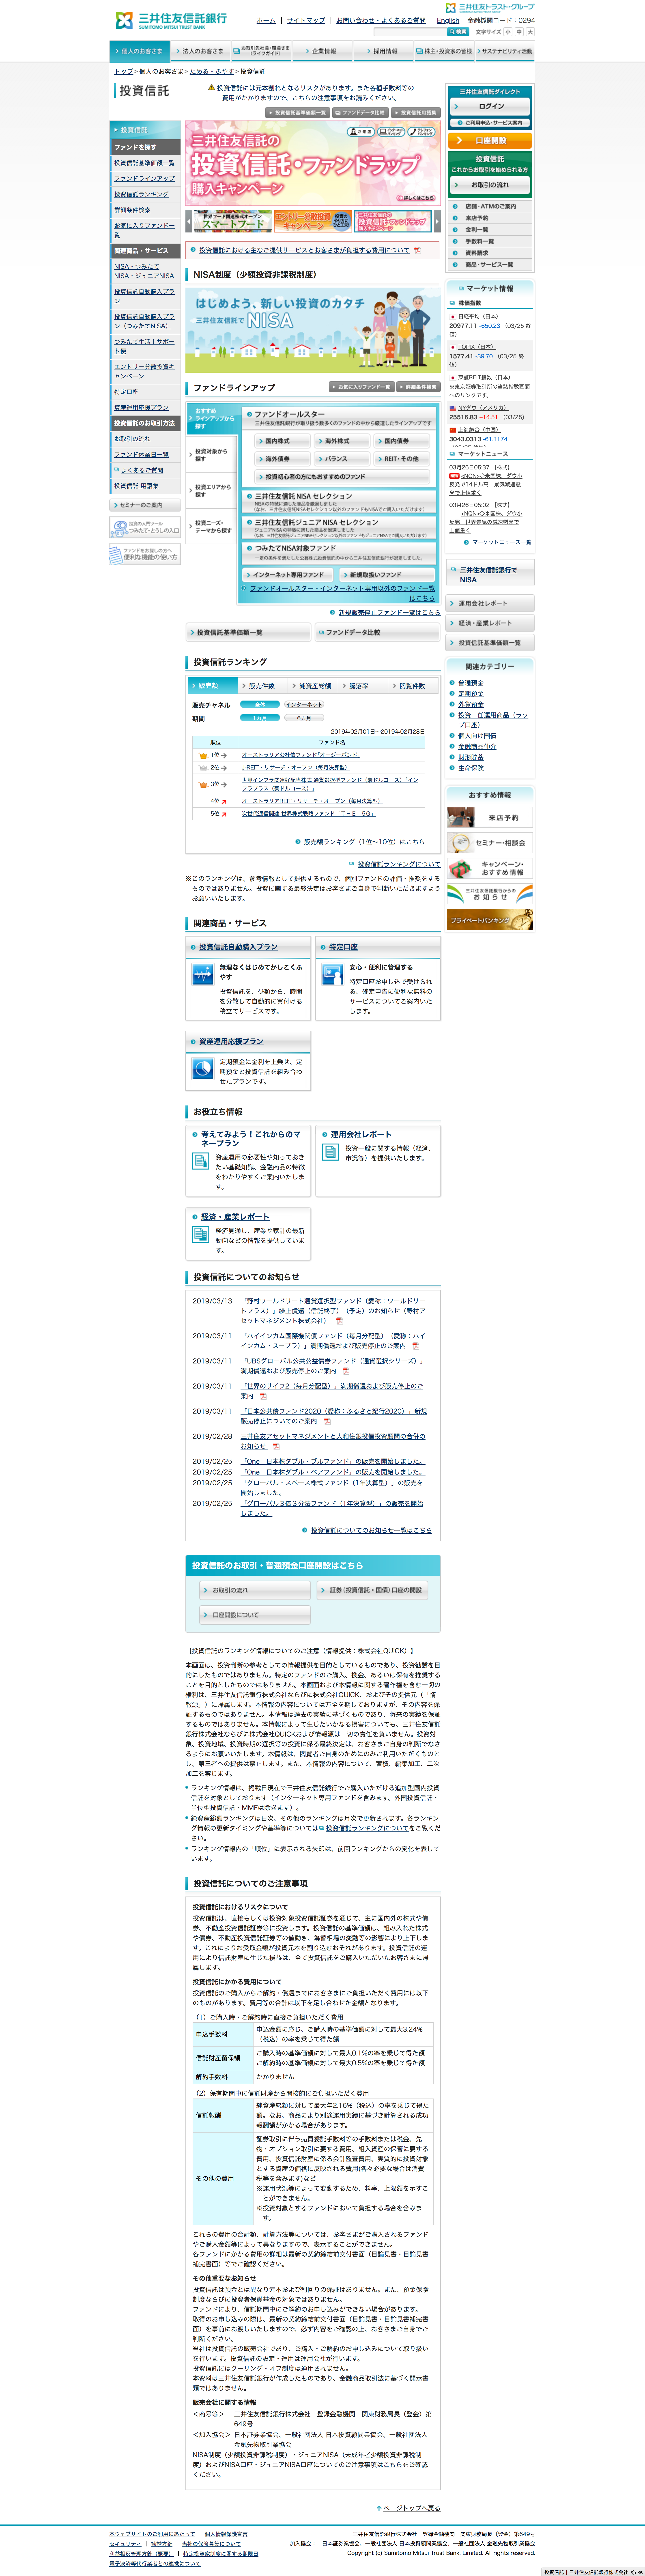 ラップ口座 三井住友信託銀行 今日夕方に三井住友信託銀行のファンドラップを1000万で契約してしまい